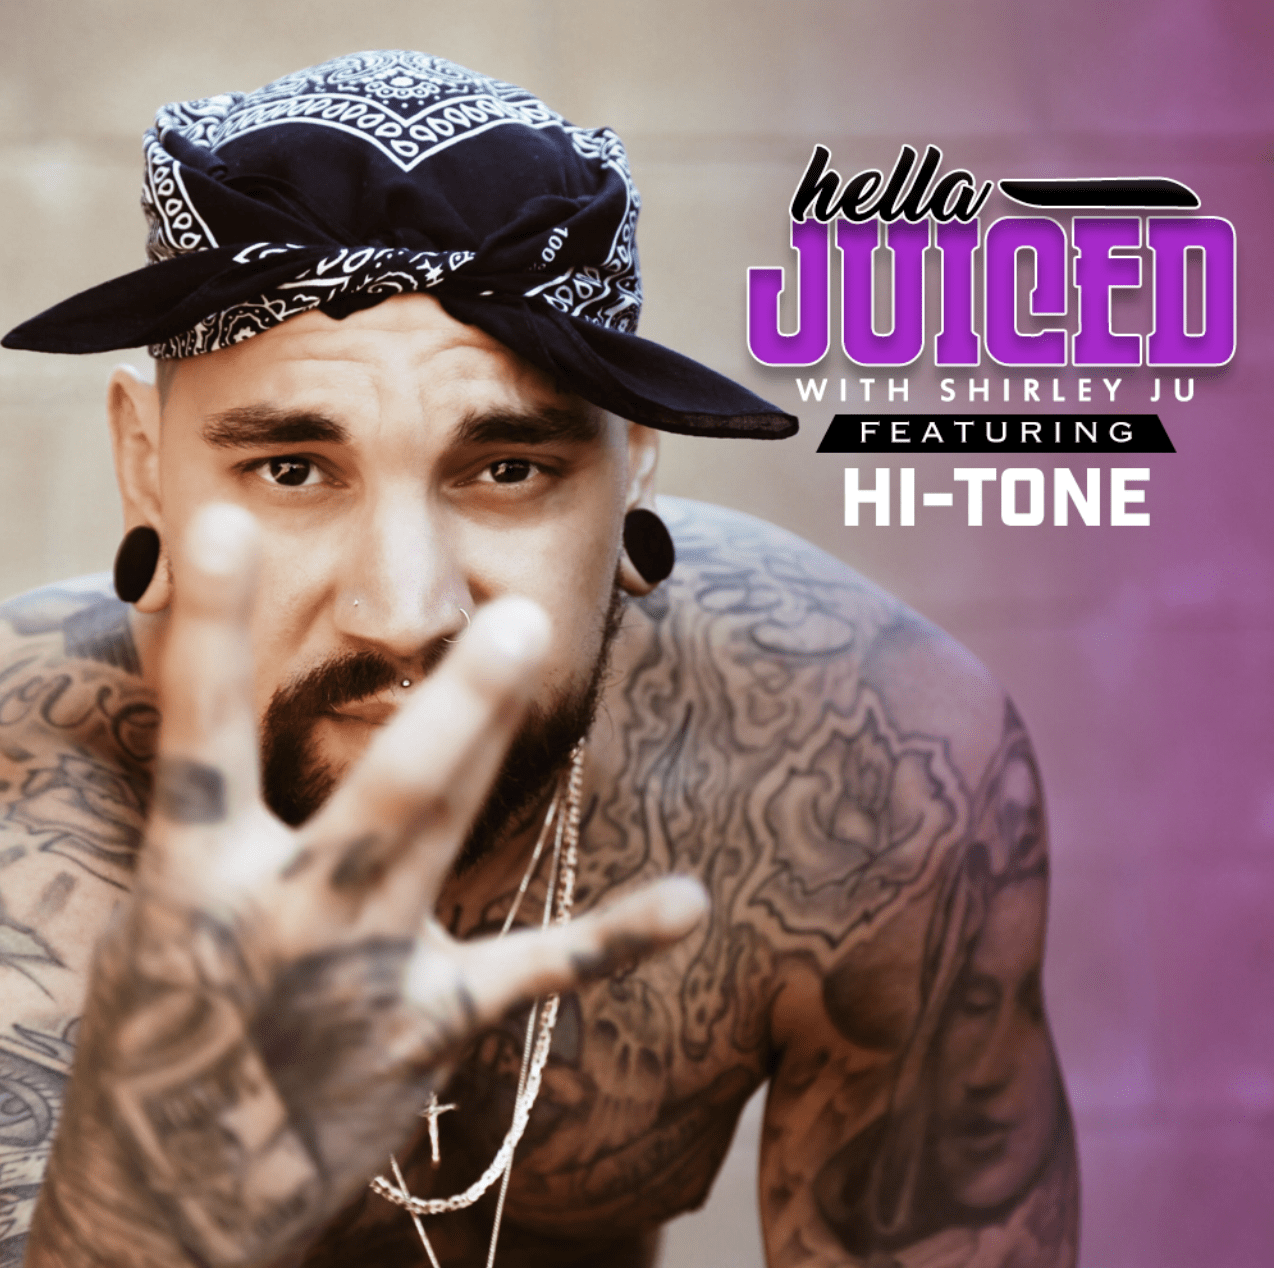 Hella Juiced: Hi-Tone